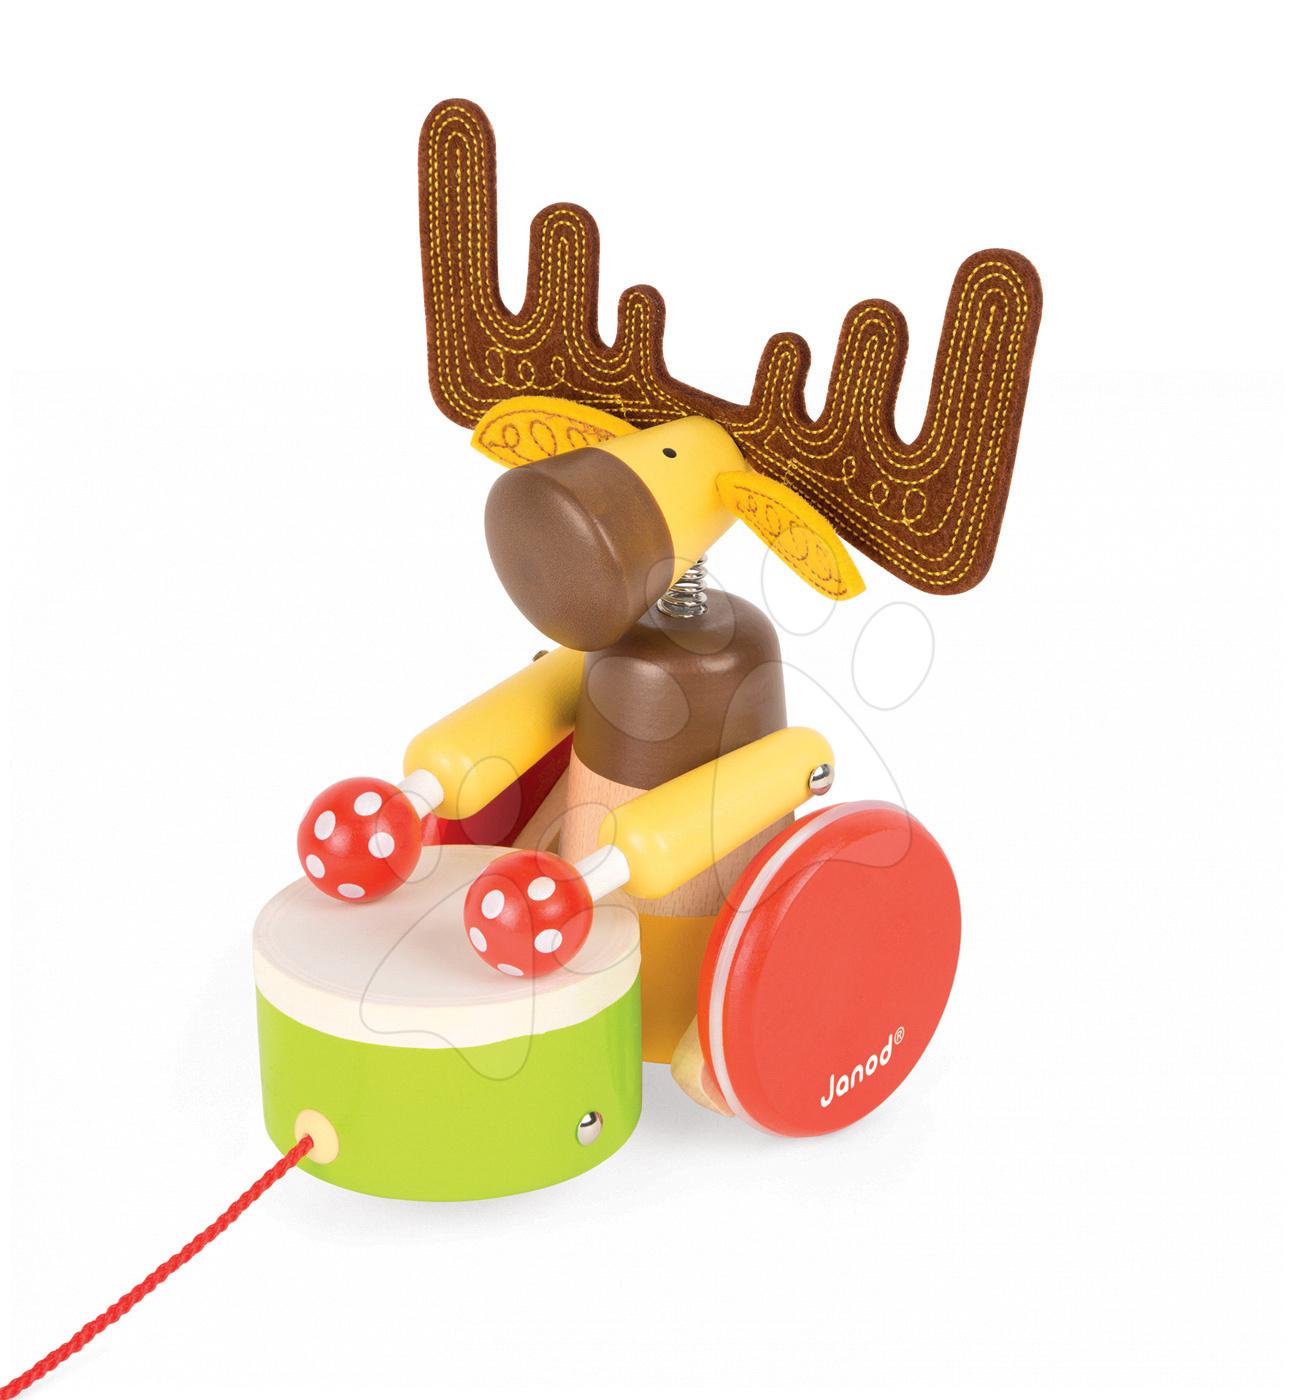 Ťahacie hračky - Drevený bubnujúci Sob Zigolos Janod na ťahanie od 12 mes